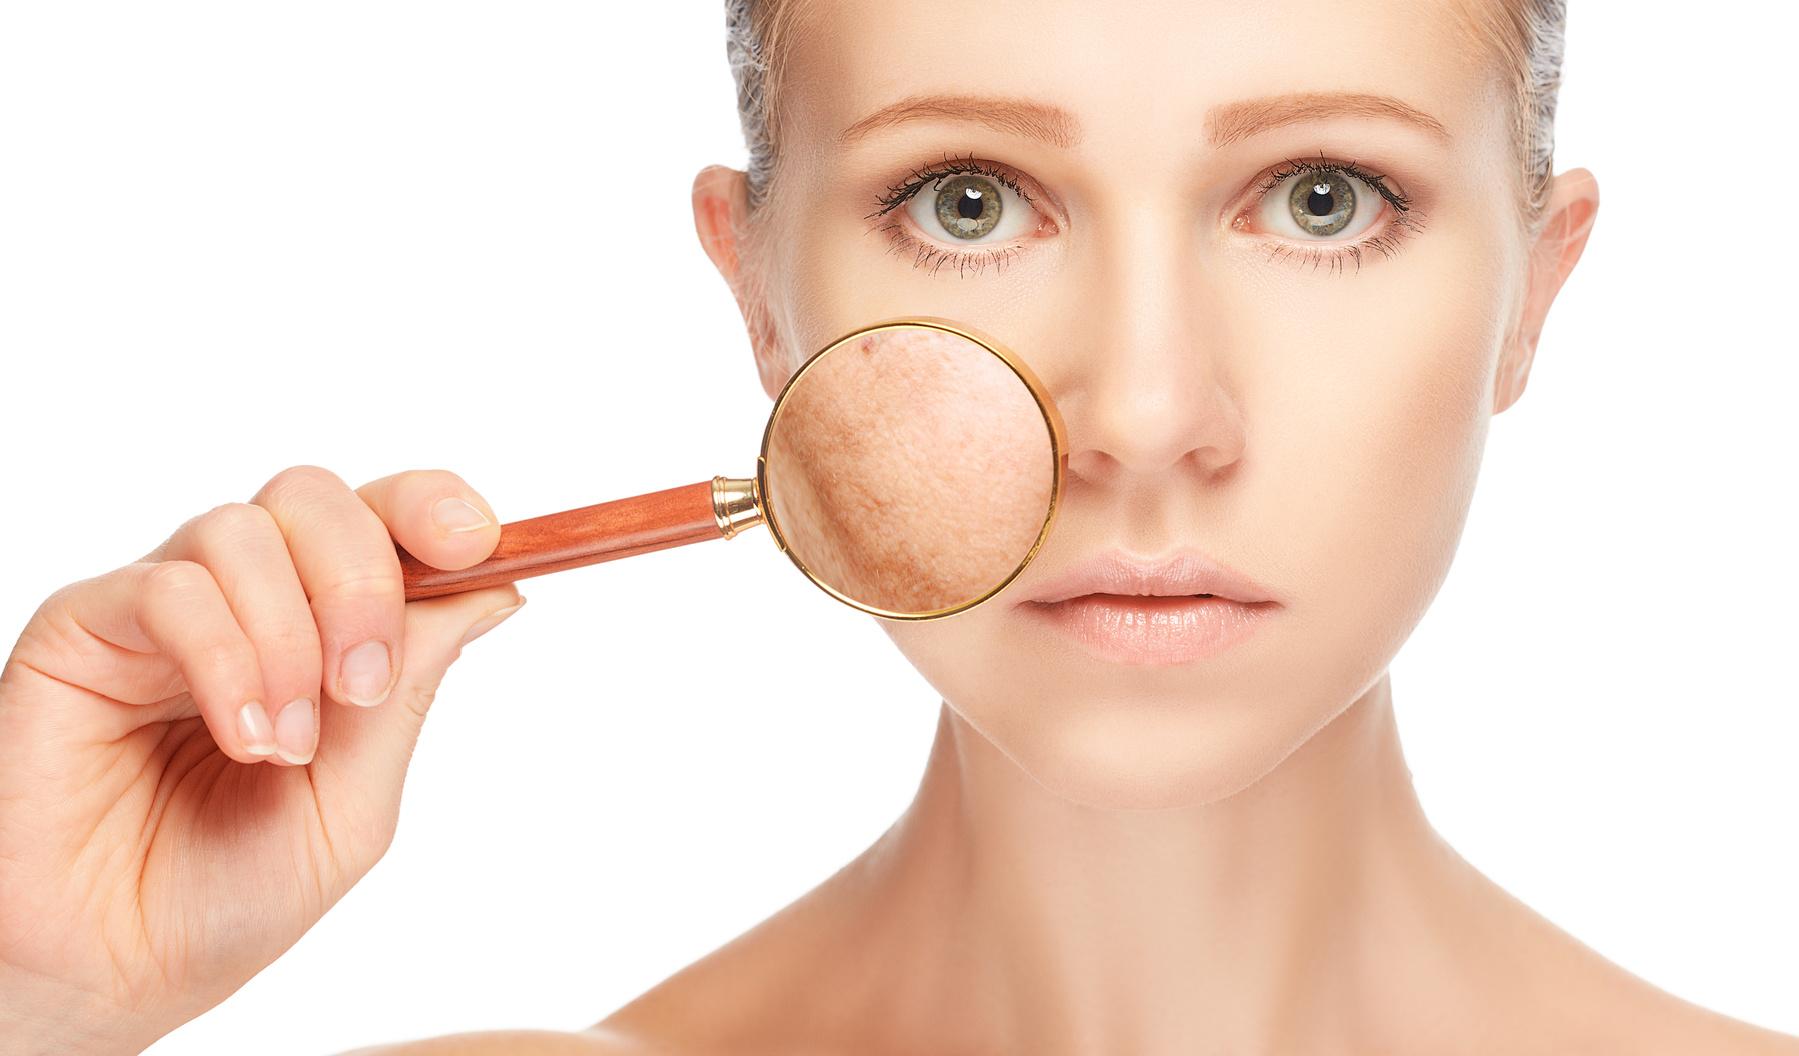 Comprendre l'Acné, la rosacée et l'acné rosacée d'une ...